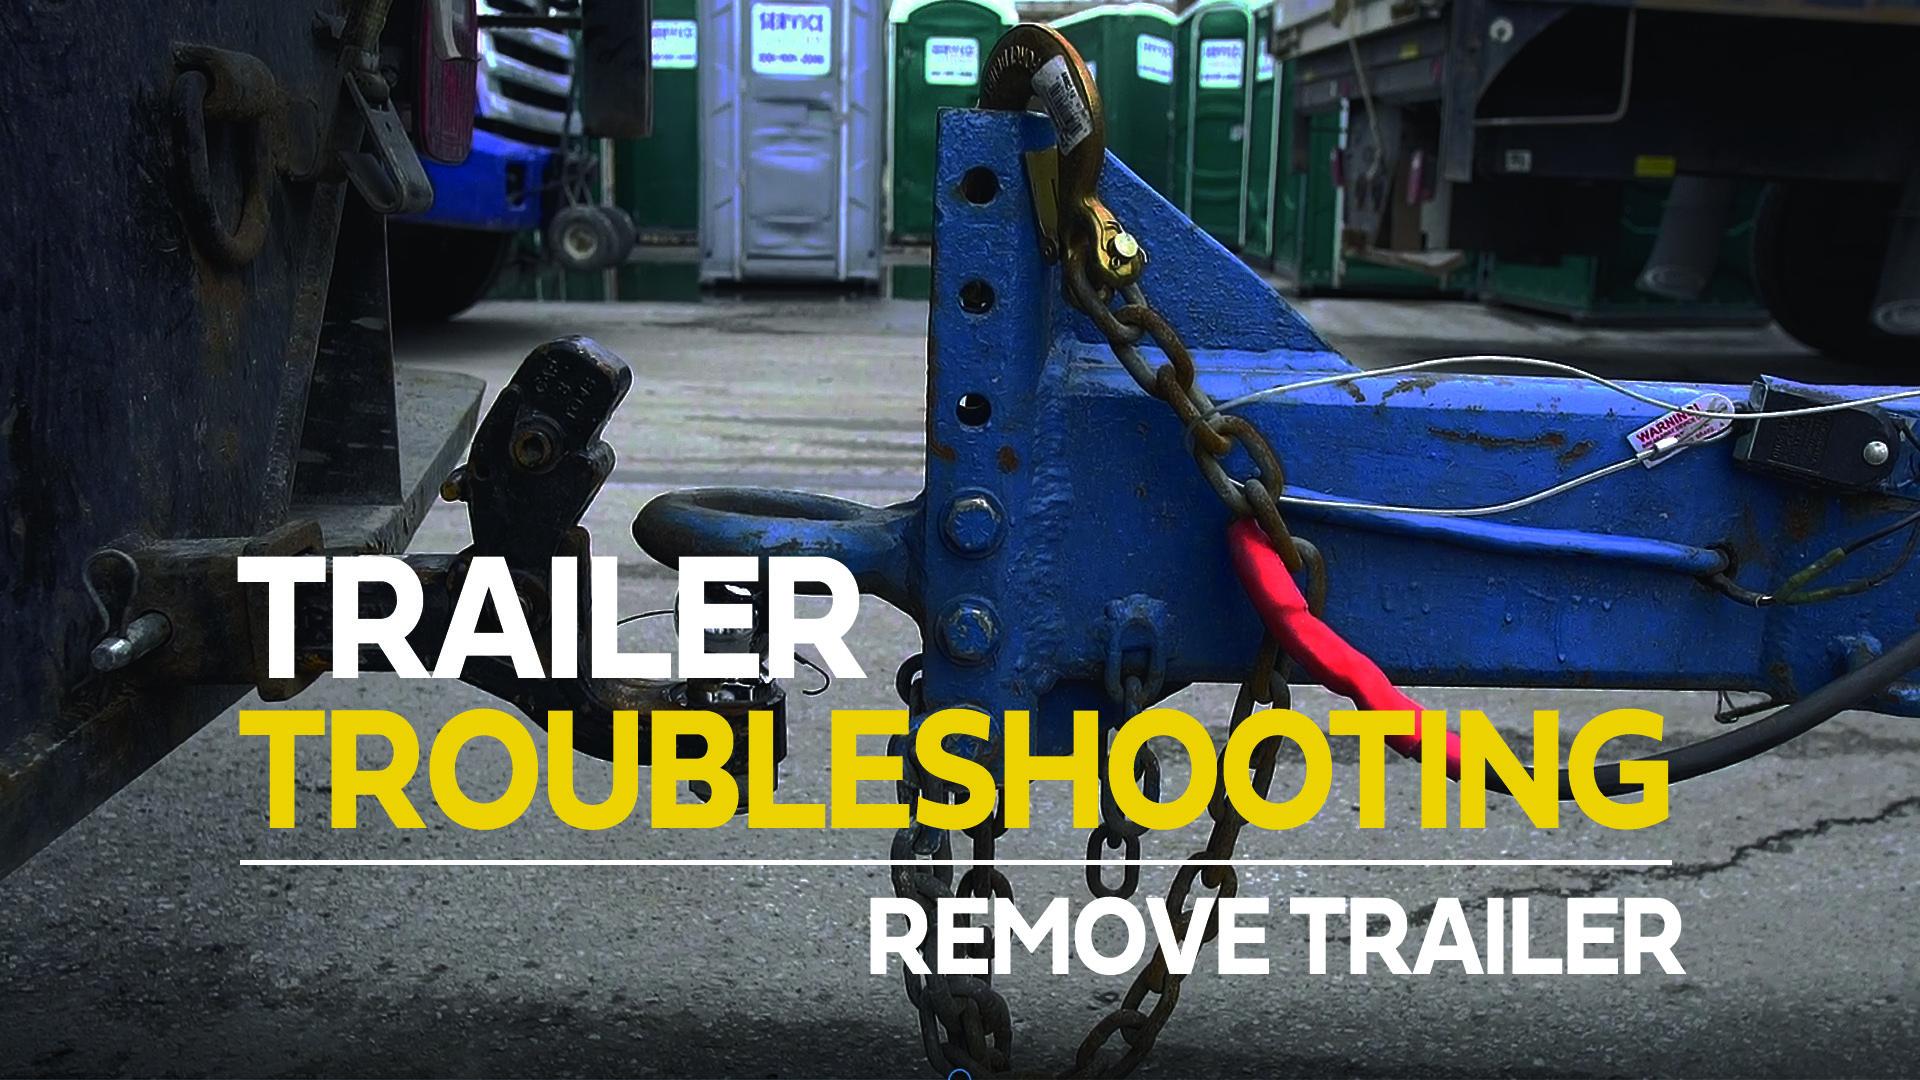 13. Remove the Trailer